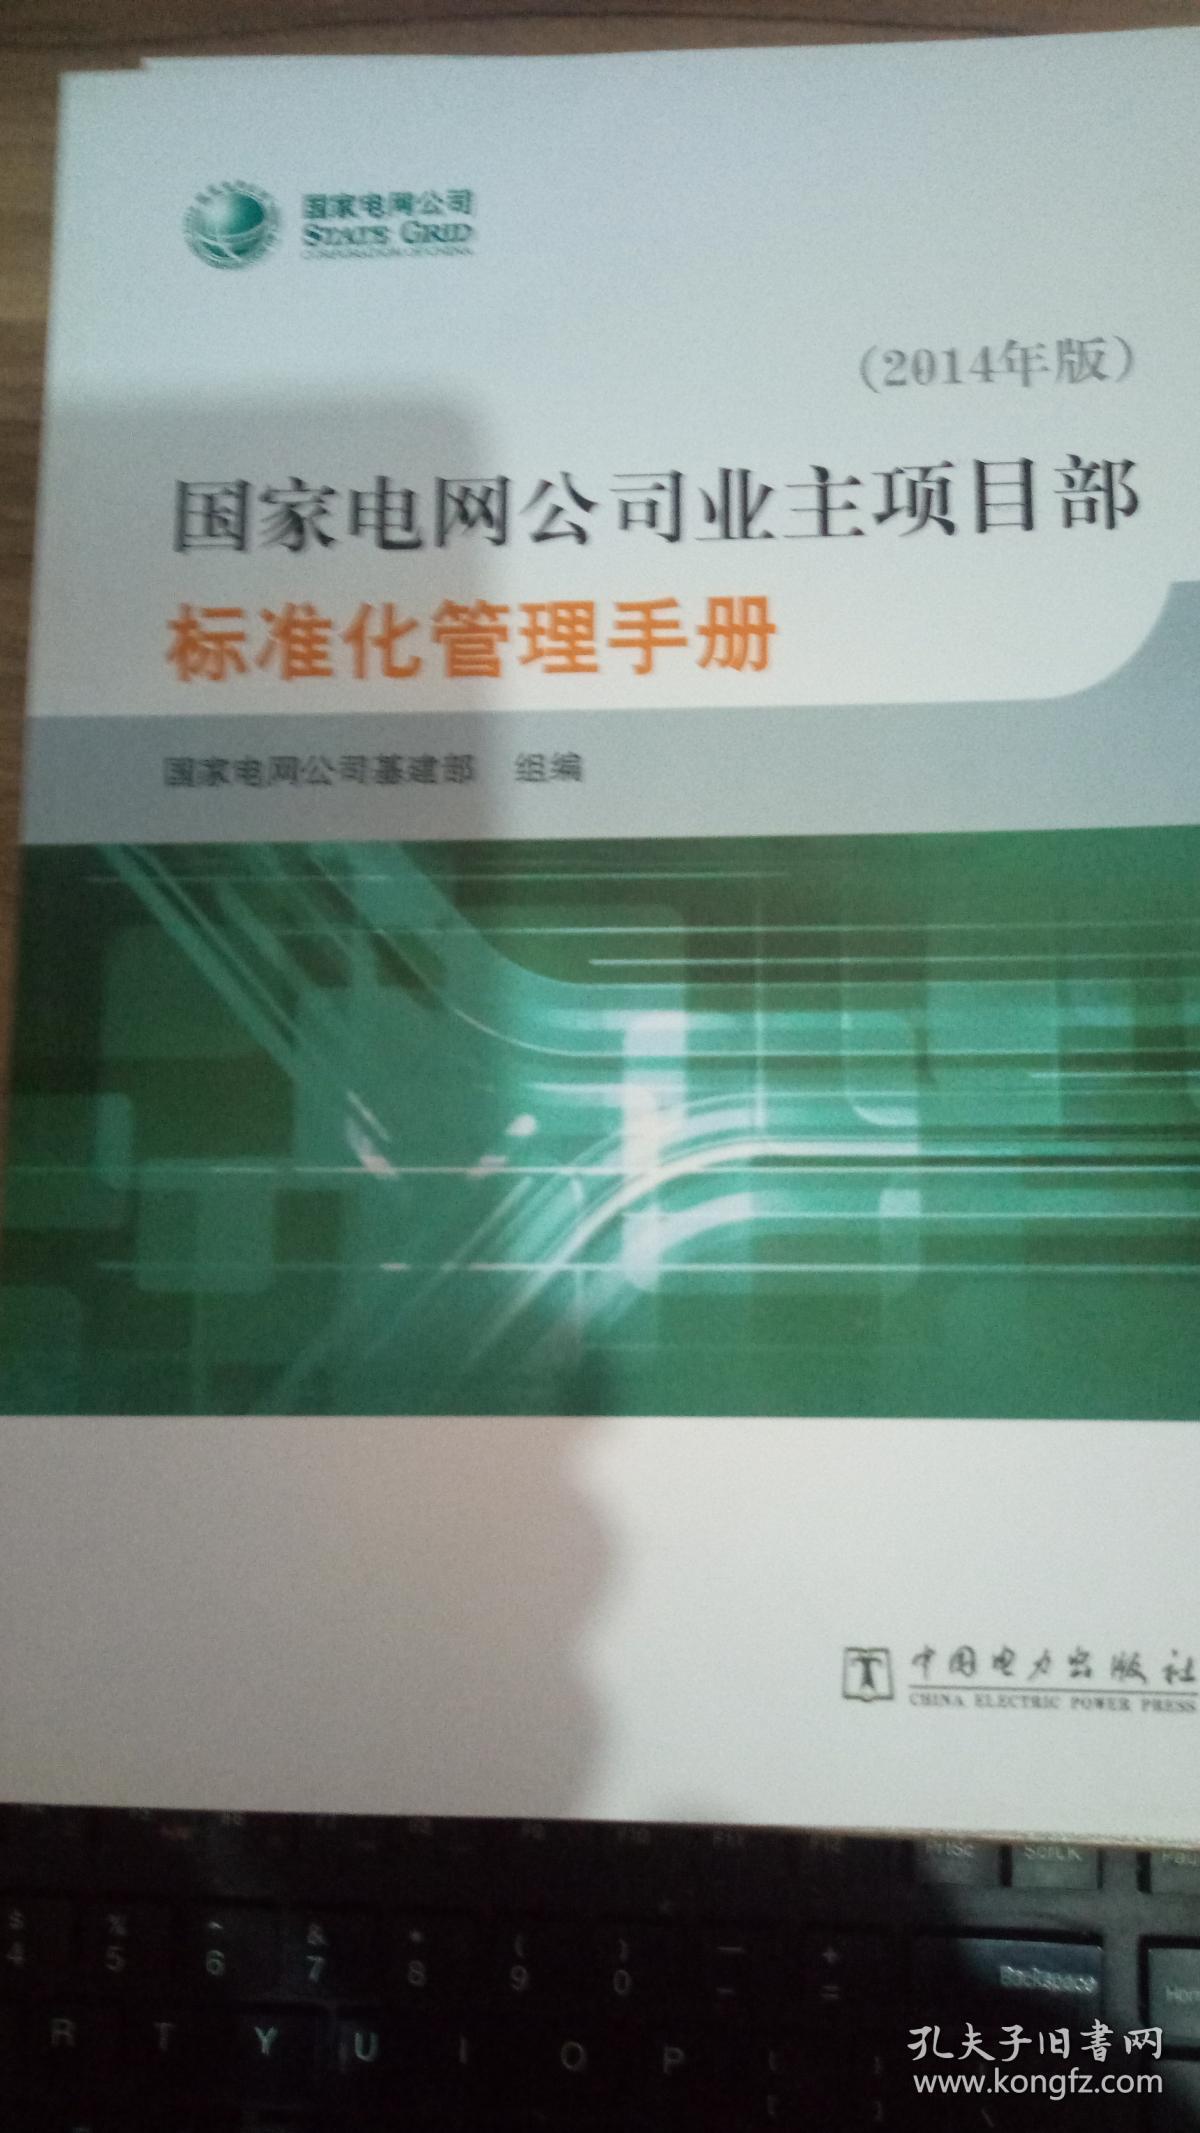 国家电网公司业主项目部标准化管理手册 : 2014年版